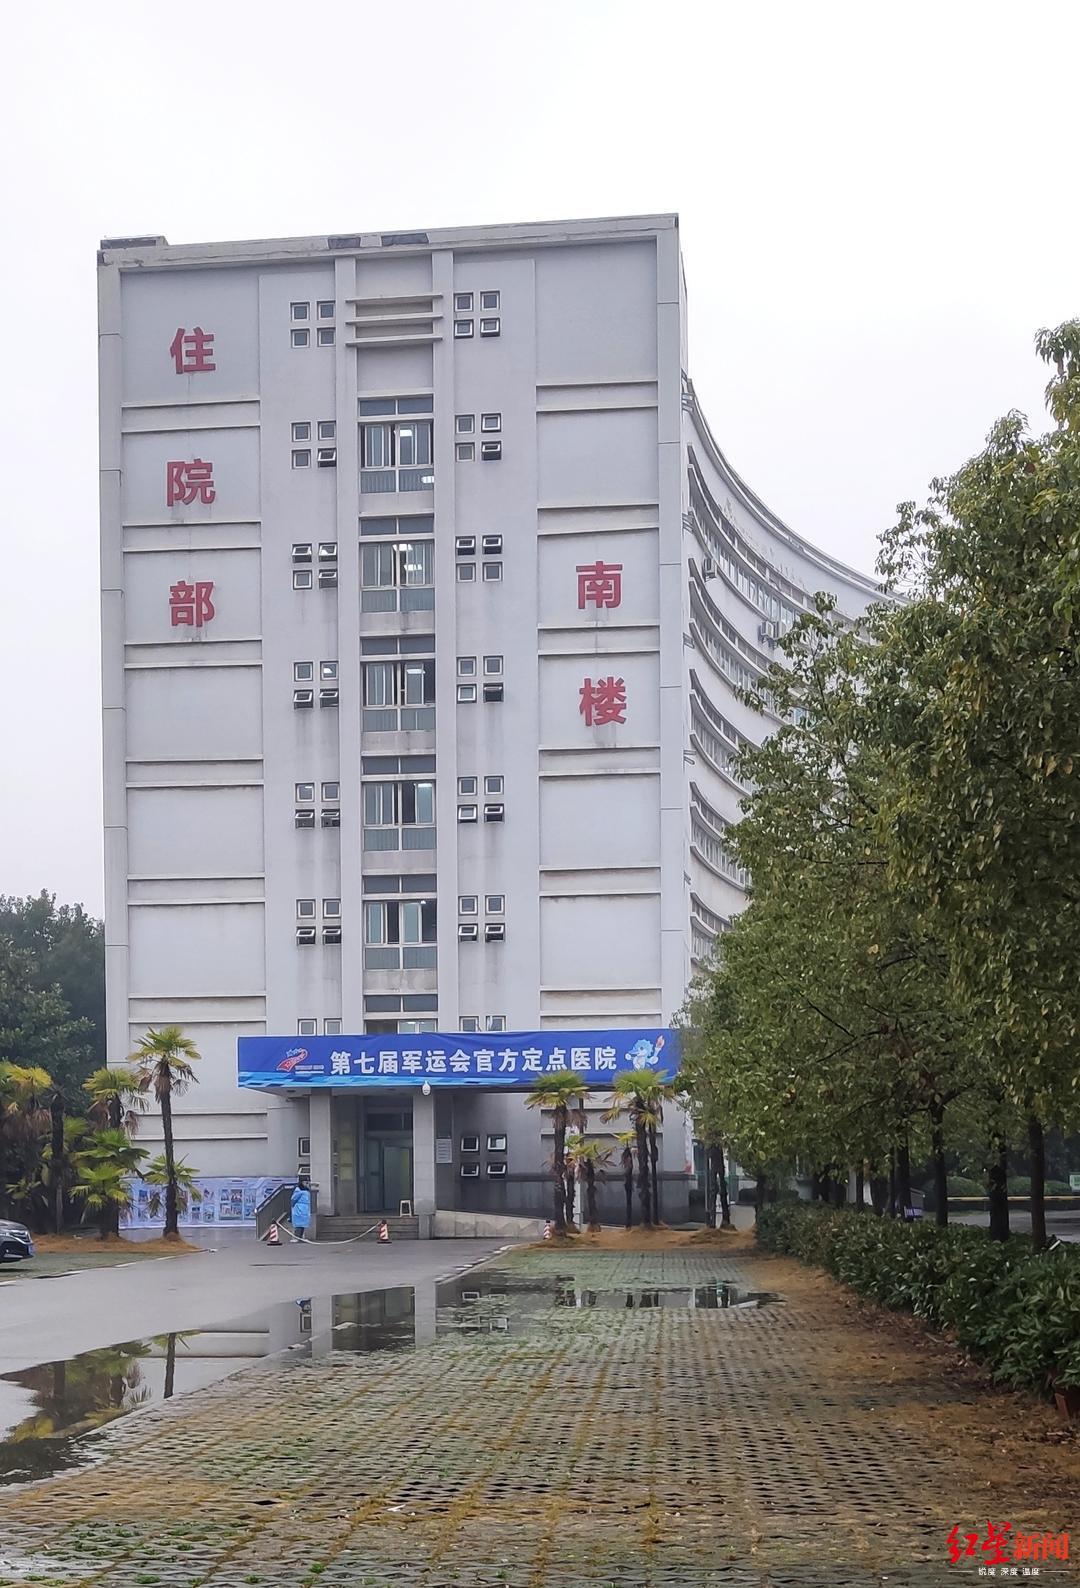 ↑金银潭医院南楼阻隔病区